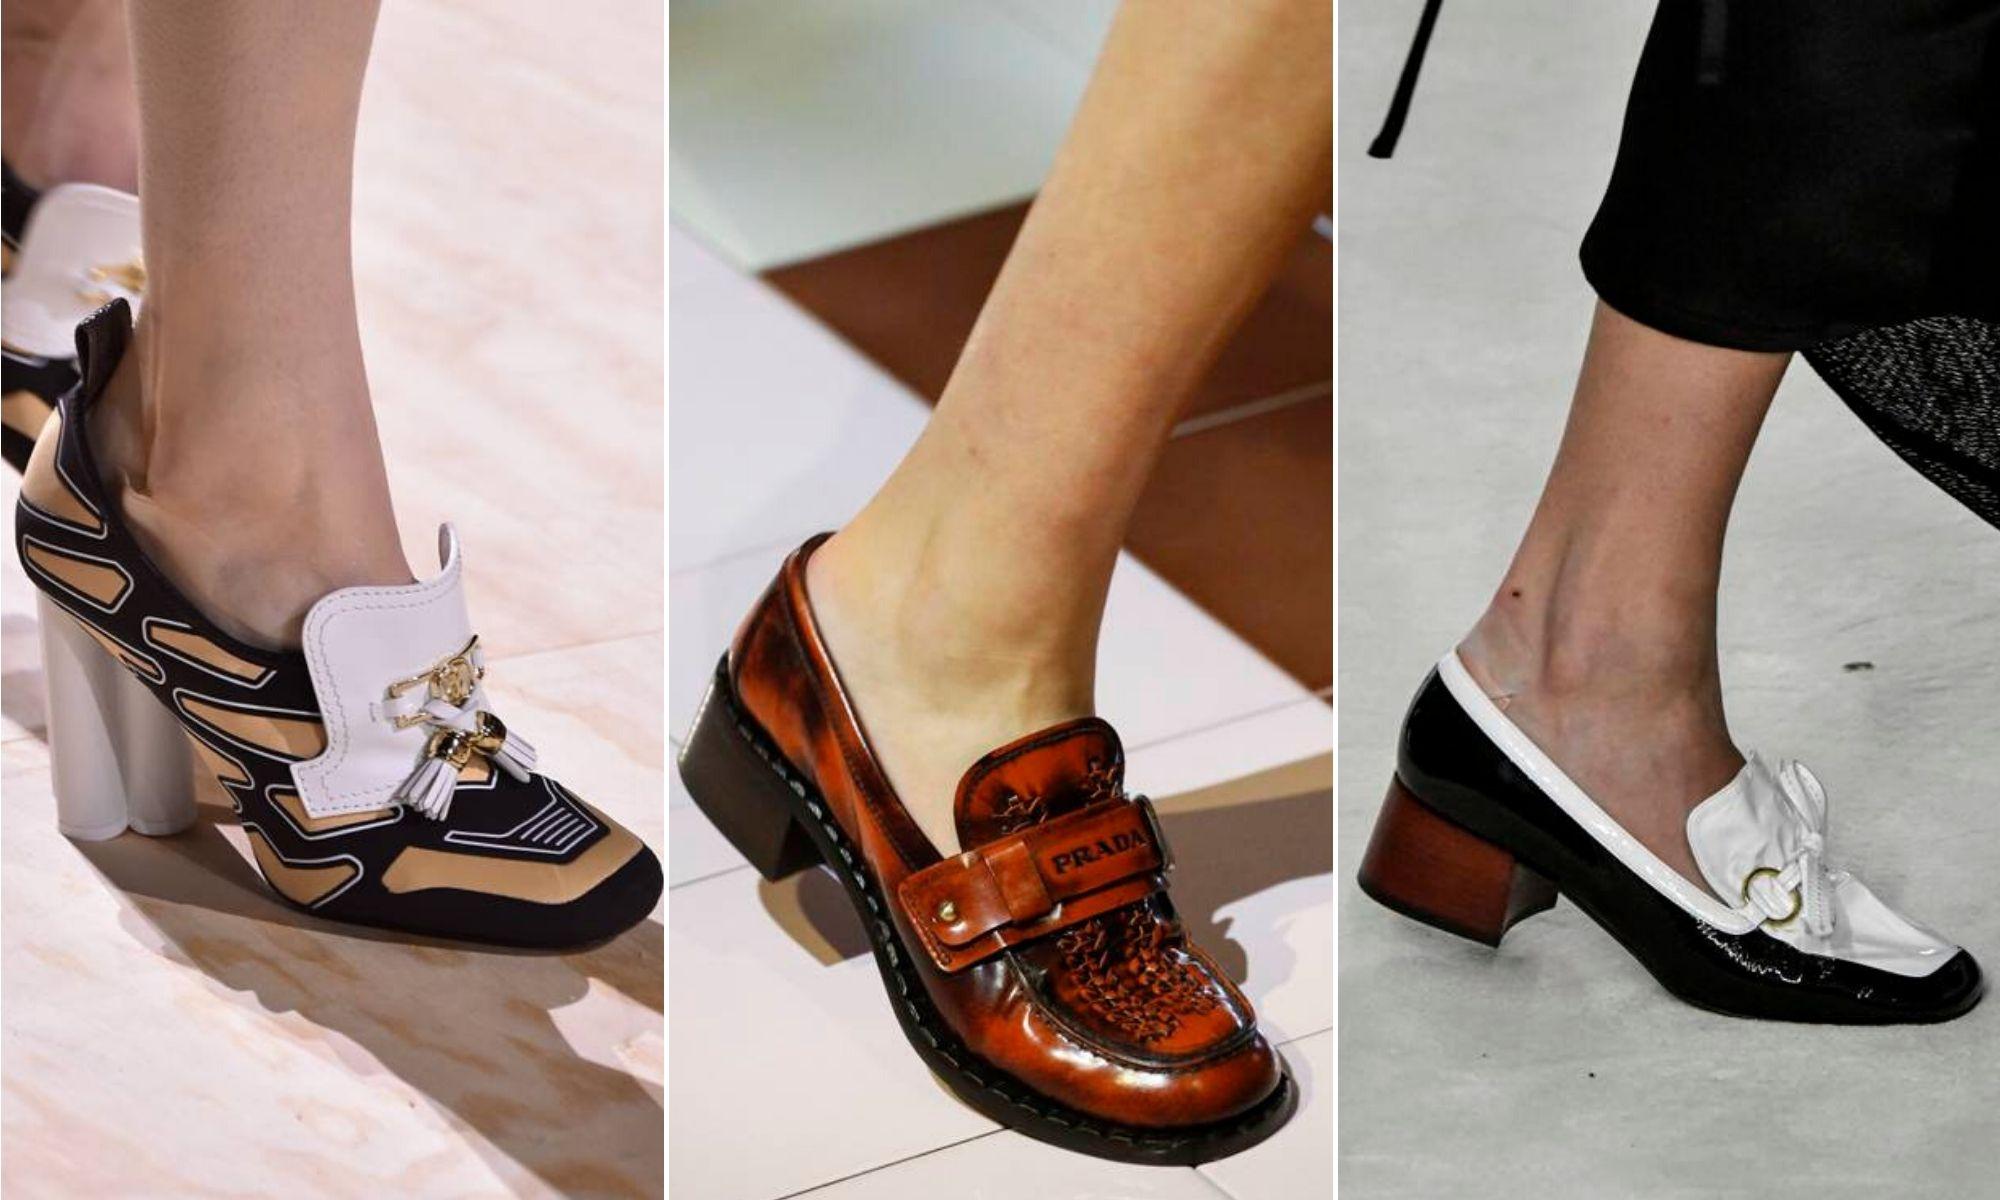 giay loafer cao gót phong cách retro xuân hè 2020